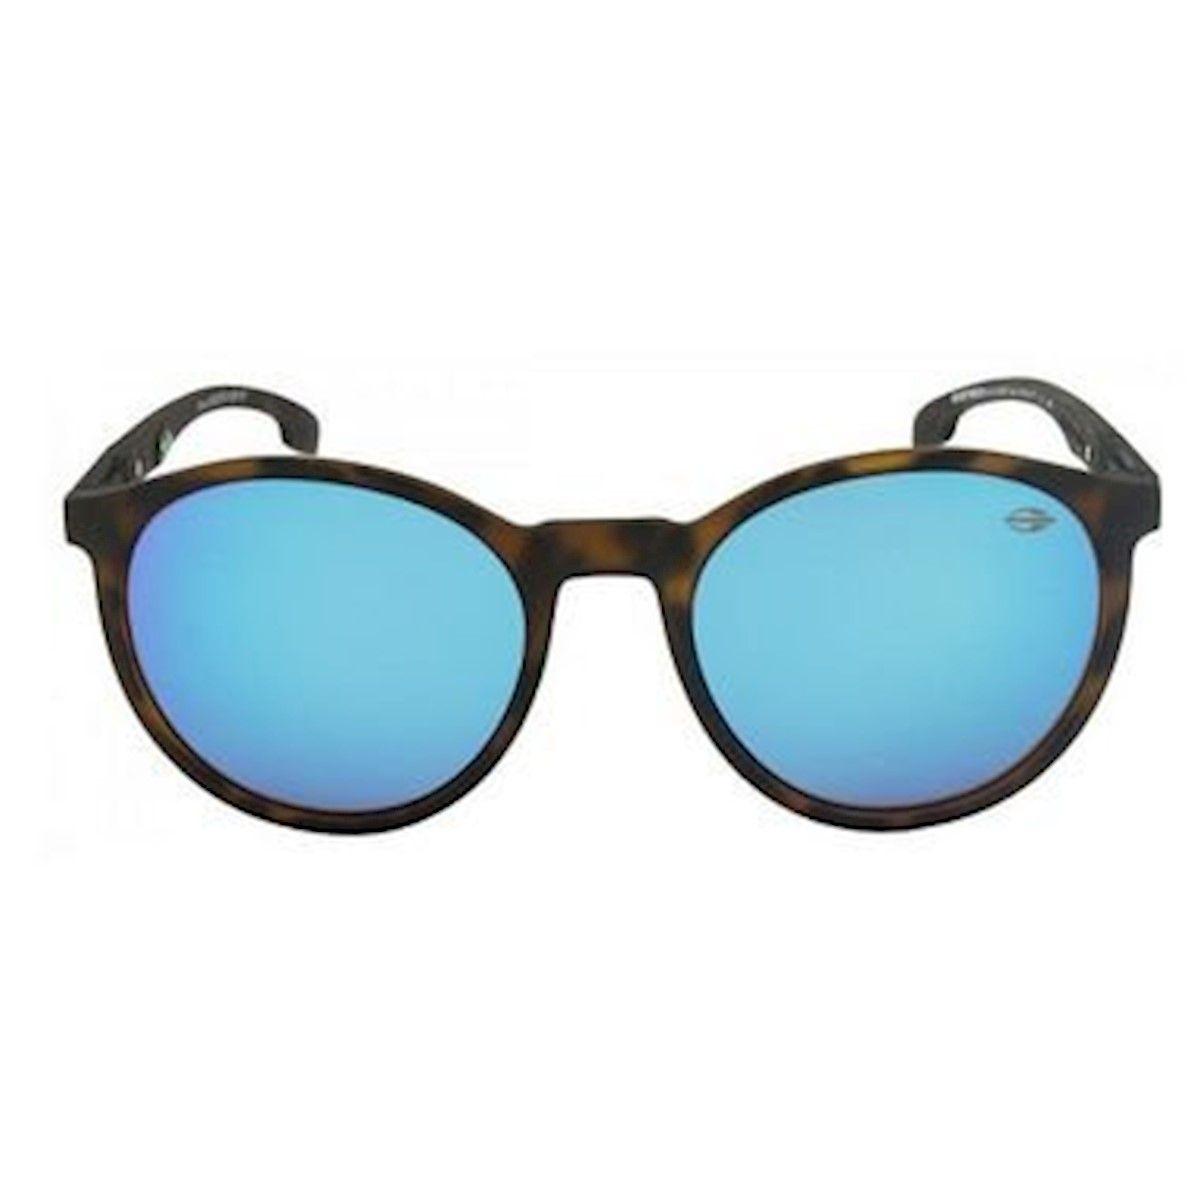 57bc111cbbfe7 Óculos de Sol Maui Blu Mormaii » Óculos de Sol Mormaii   Óculos de ...